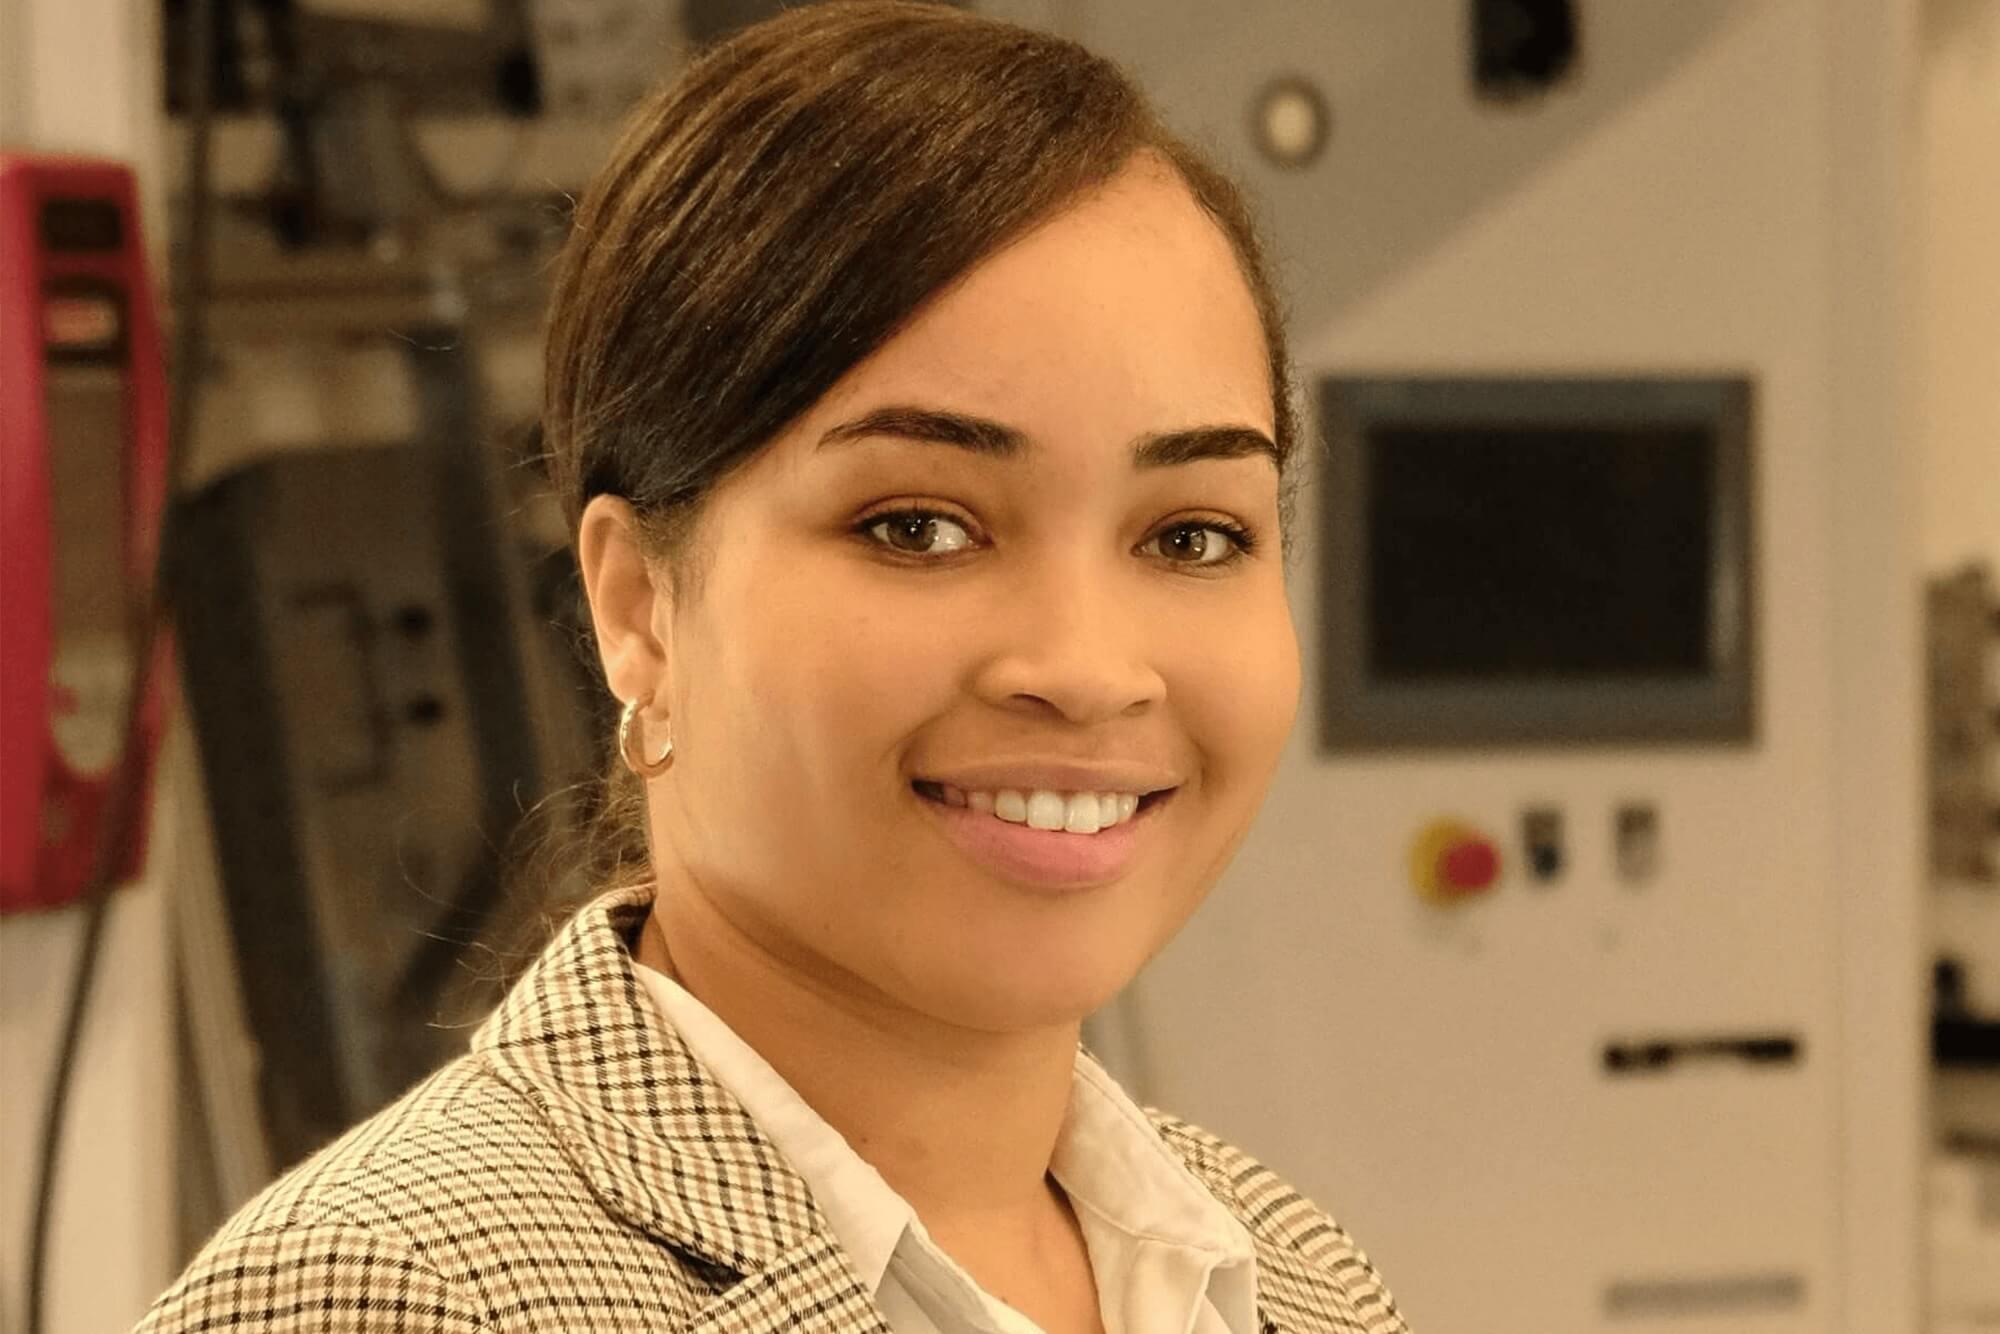 Sorria Douglas at work